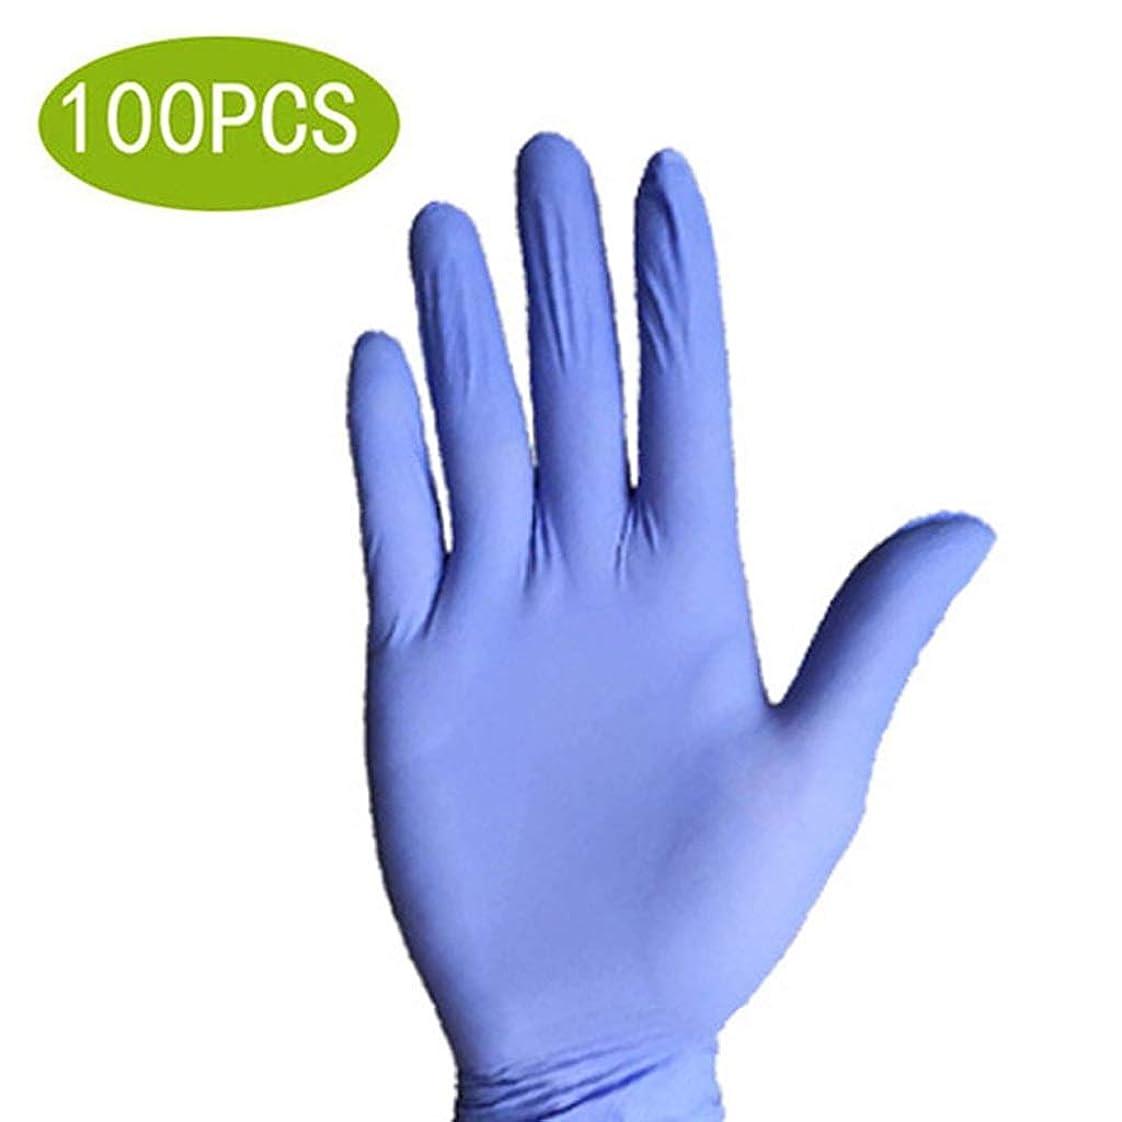 遺跡ワイド枯れる保護用使い捨てニトリル医療用手袋、ラテックスフリー、試験グレードの手袋、テクスチャード加工、両性、非滅菌、100個入り (Size : L)